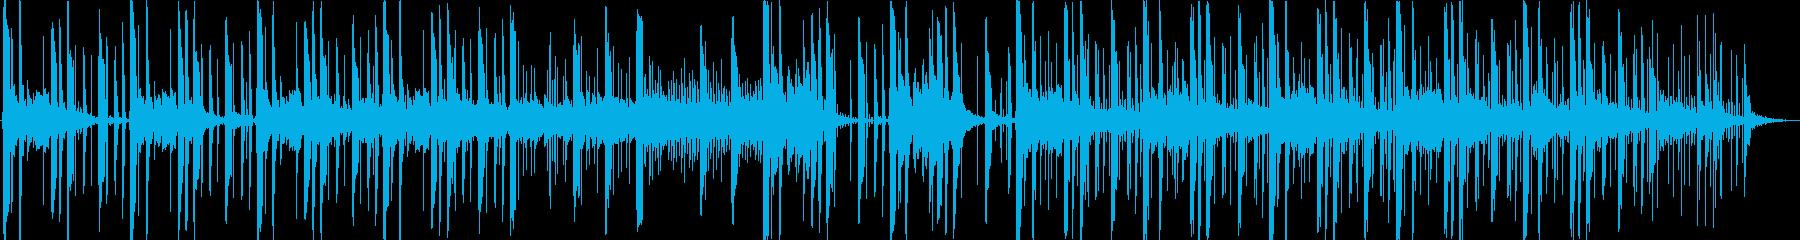 PV】浮遊感?不思議でコミカルなBGMの再生済みの波形